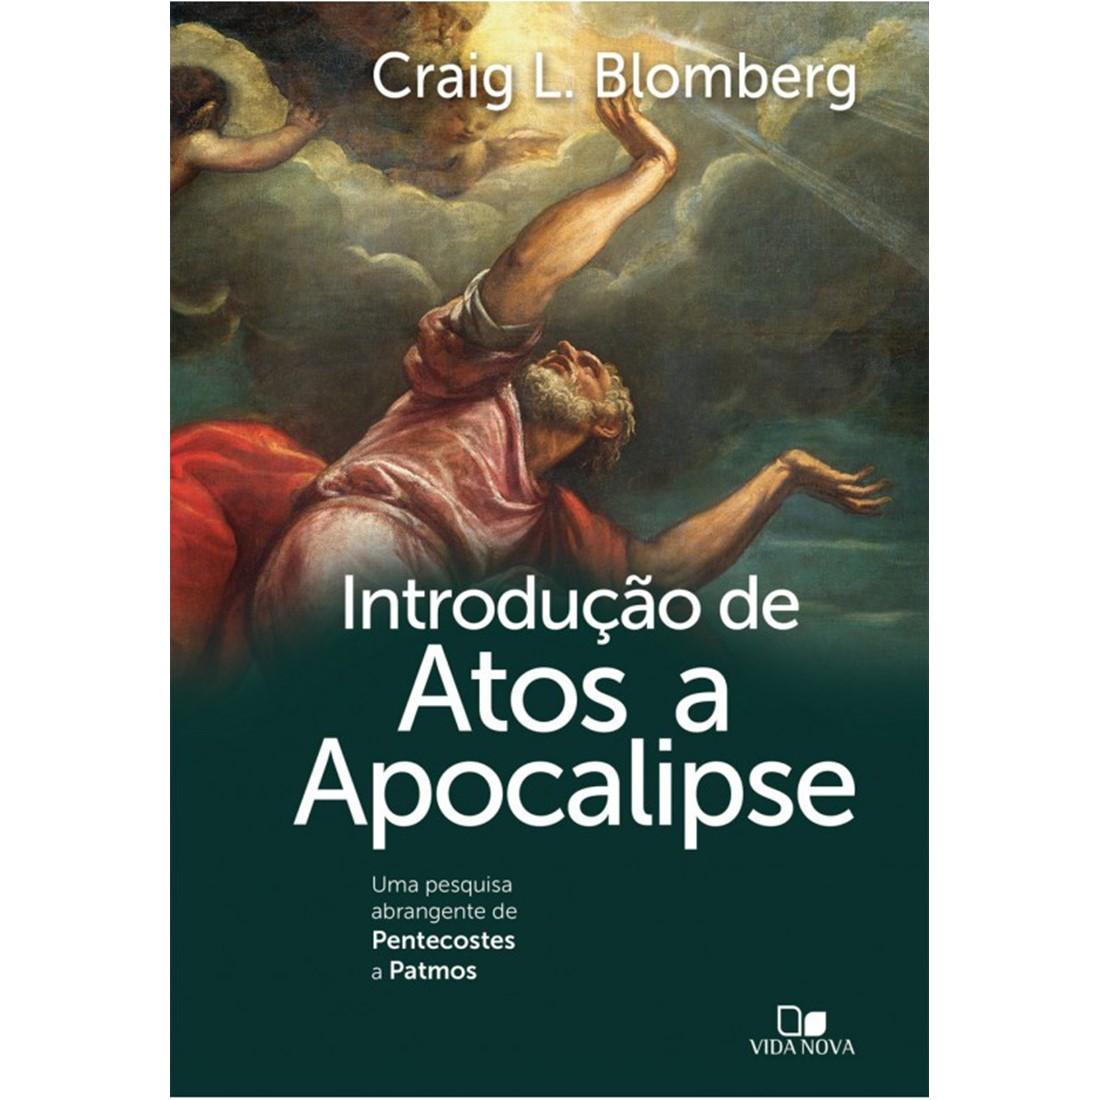 Livro Introdução de Atos a Apocalipse